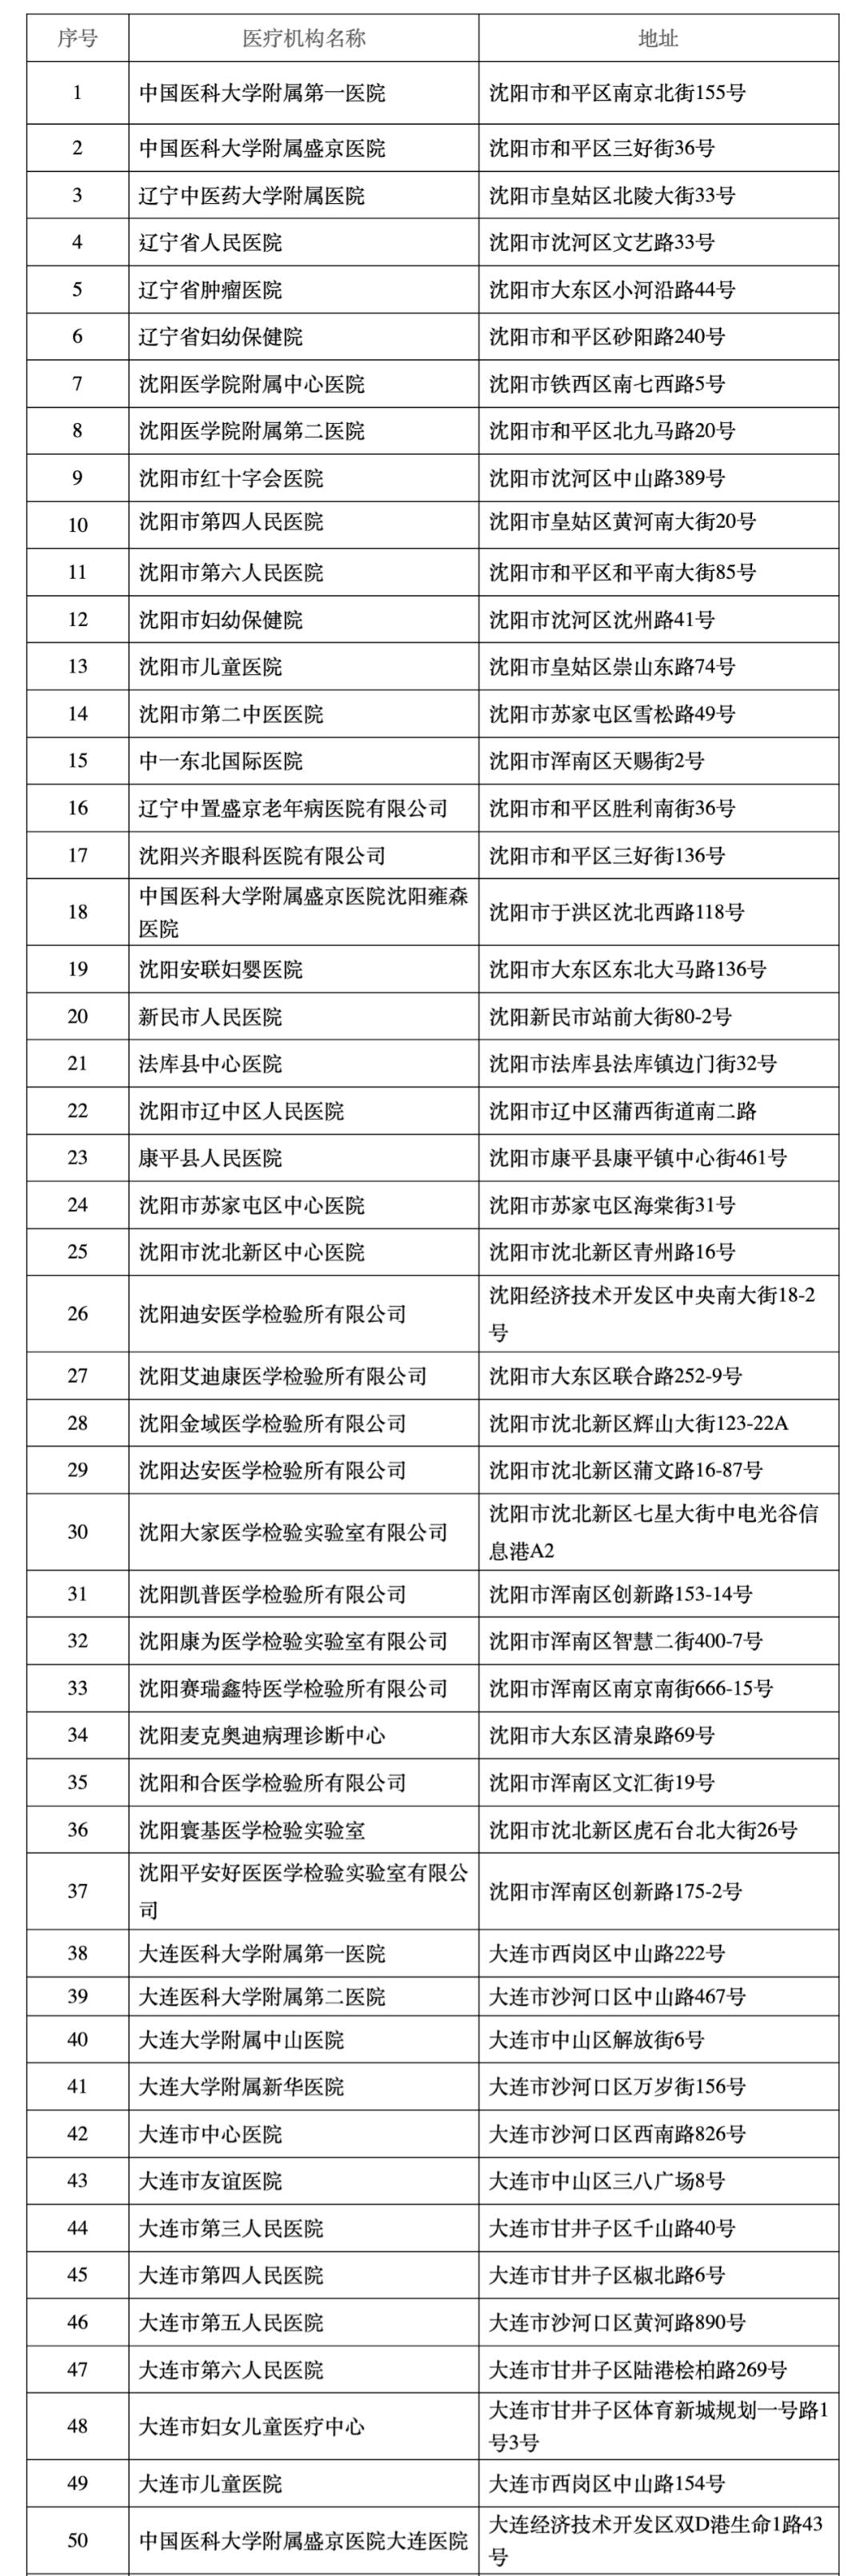 辽宁:核酸检测医疗机构增至148家图片